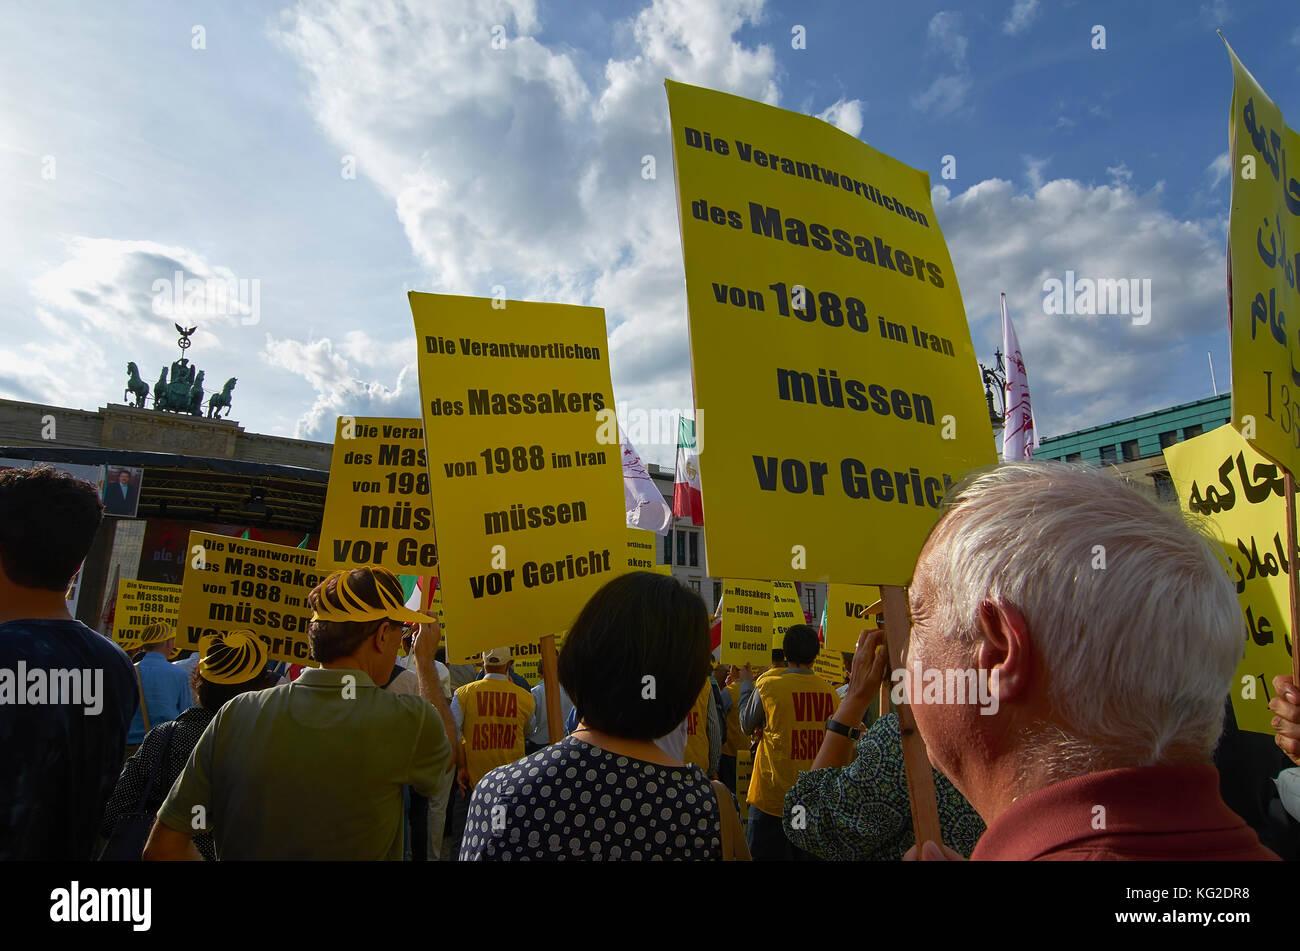 Las personas que protestaban tp recuerde el 1988 masacre de presos políticos en Irán, Berlín, Alemania Imagen De Stock